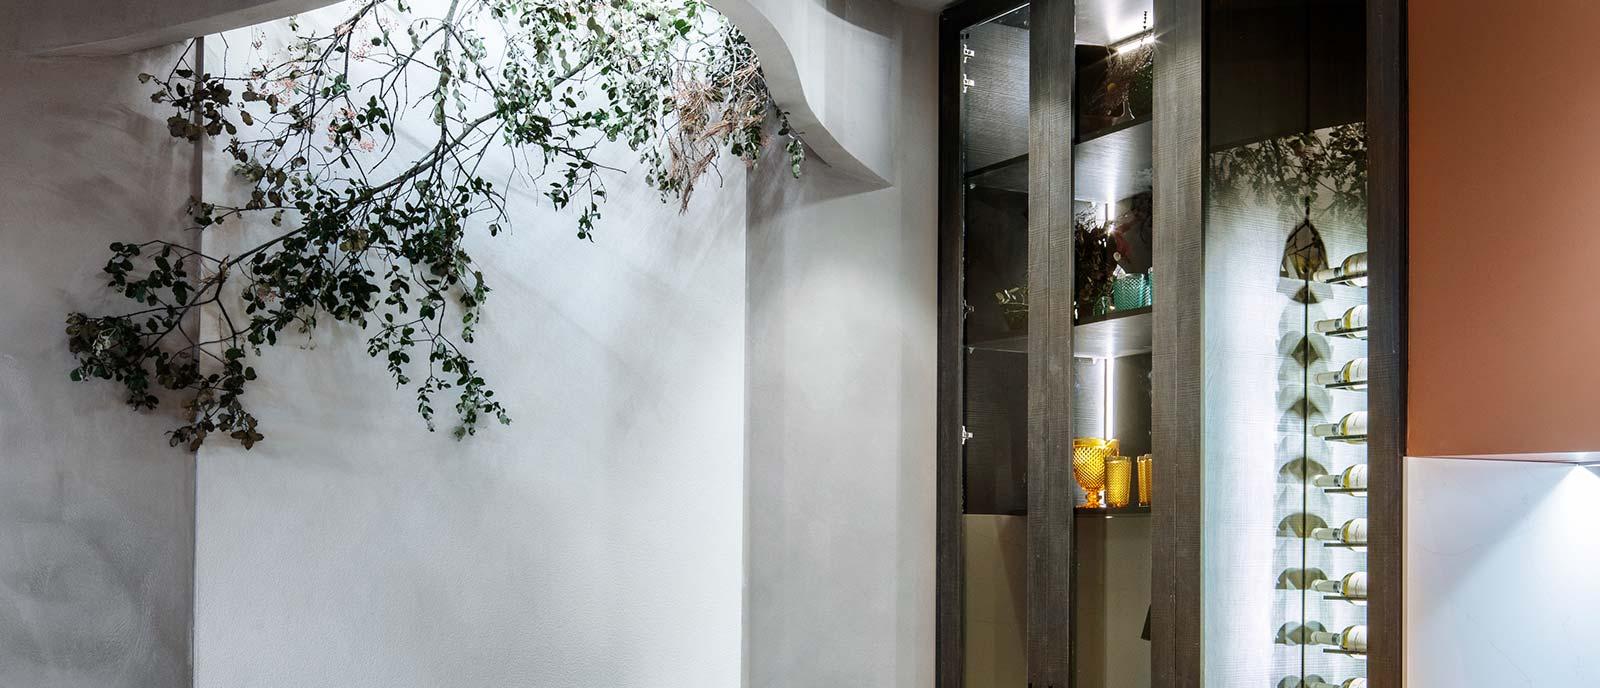 Casa Decor 2021: Espacios lujuoso con Interiores exclusivos casa decor 2021 Casa Decor 2021: Espacios lujuoso con Interiores exclusivos 28